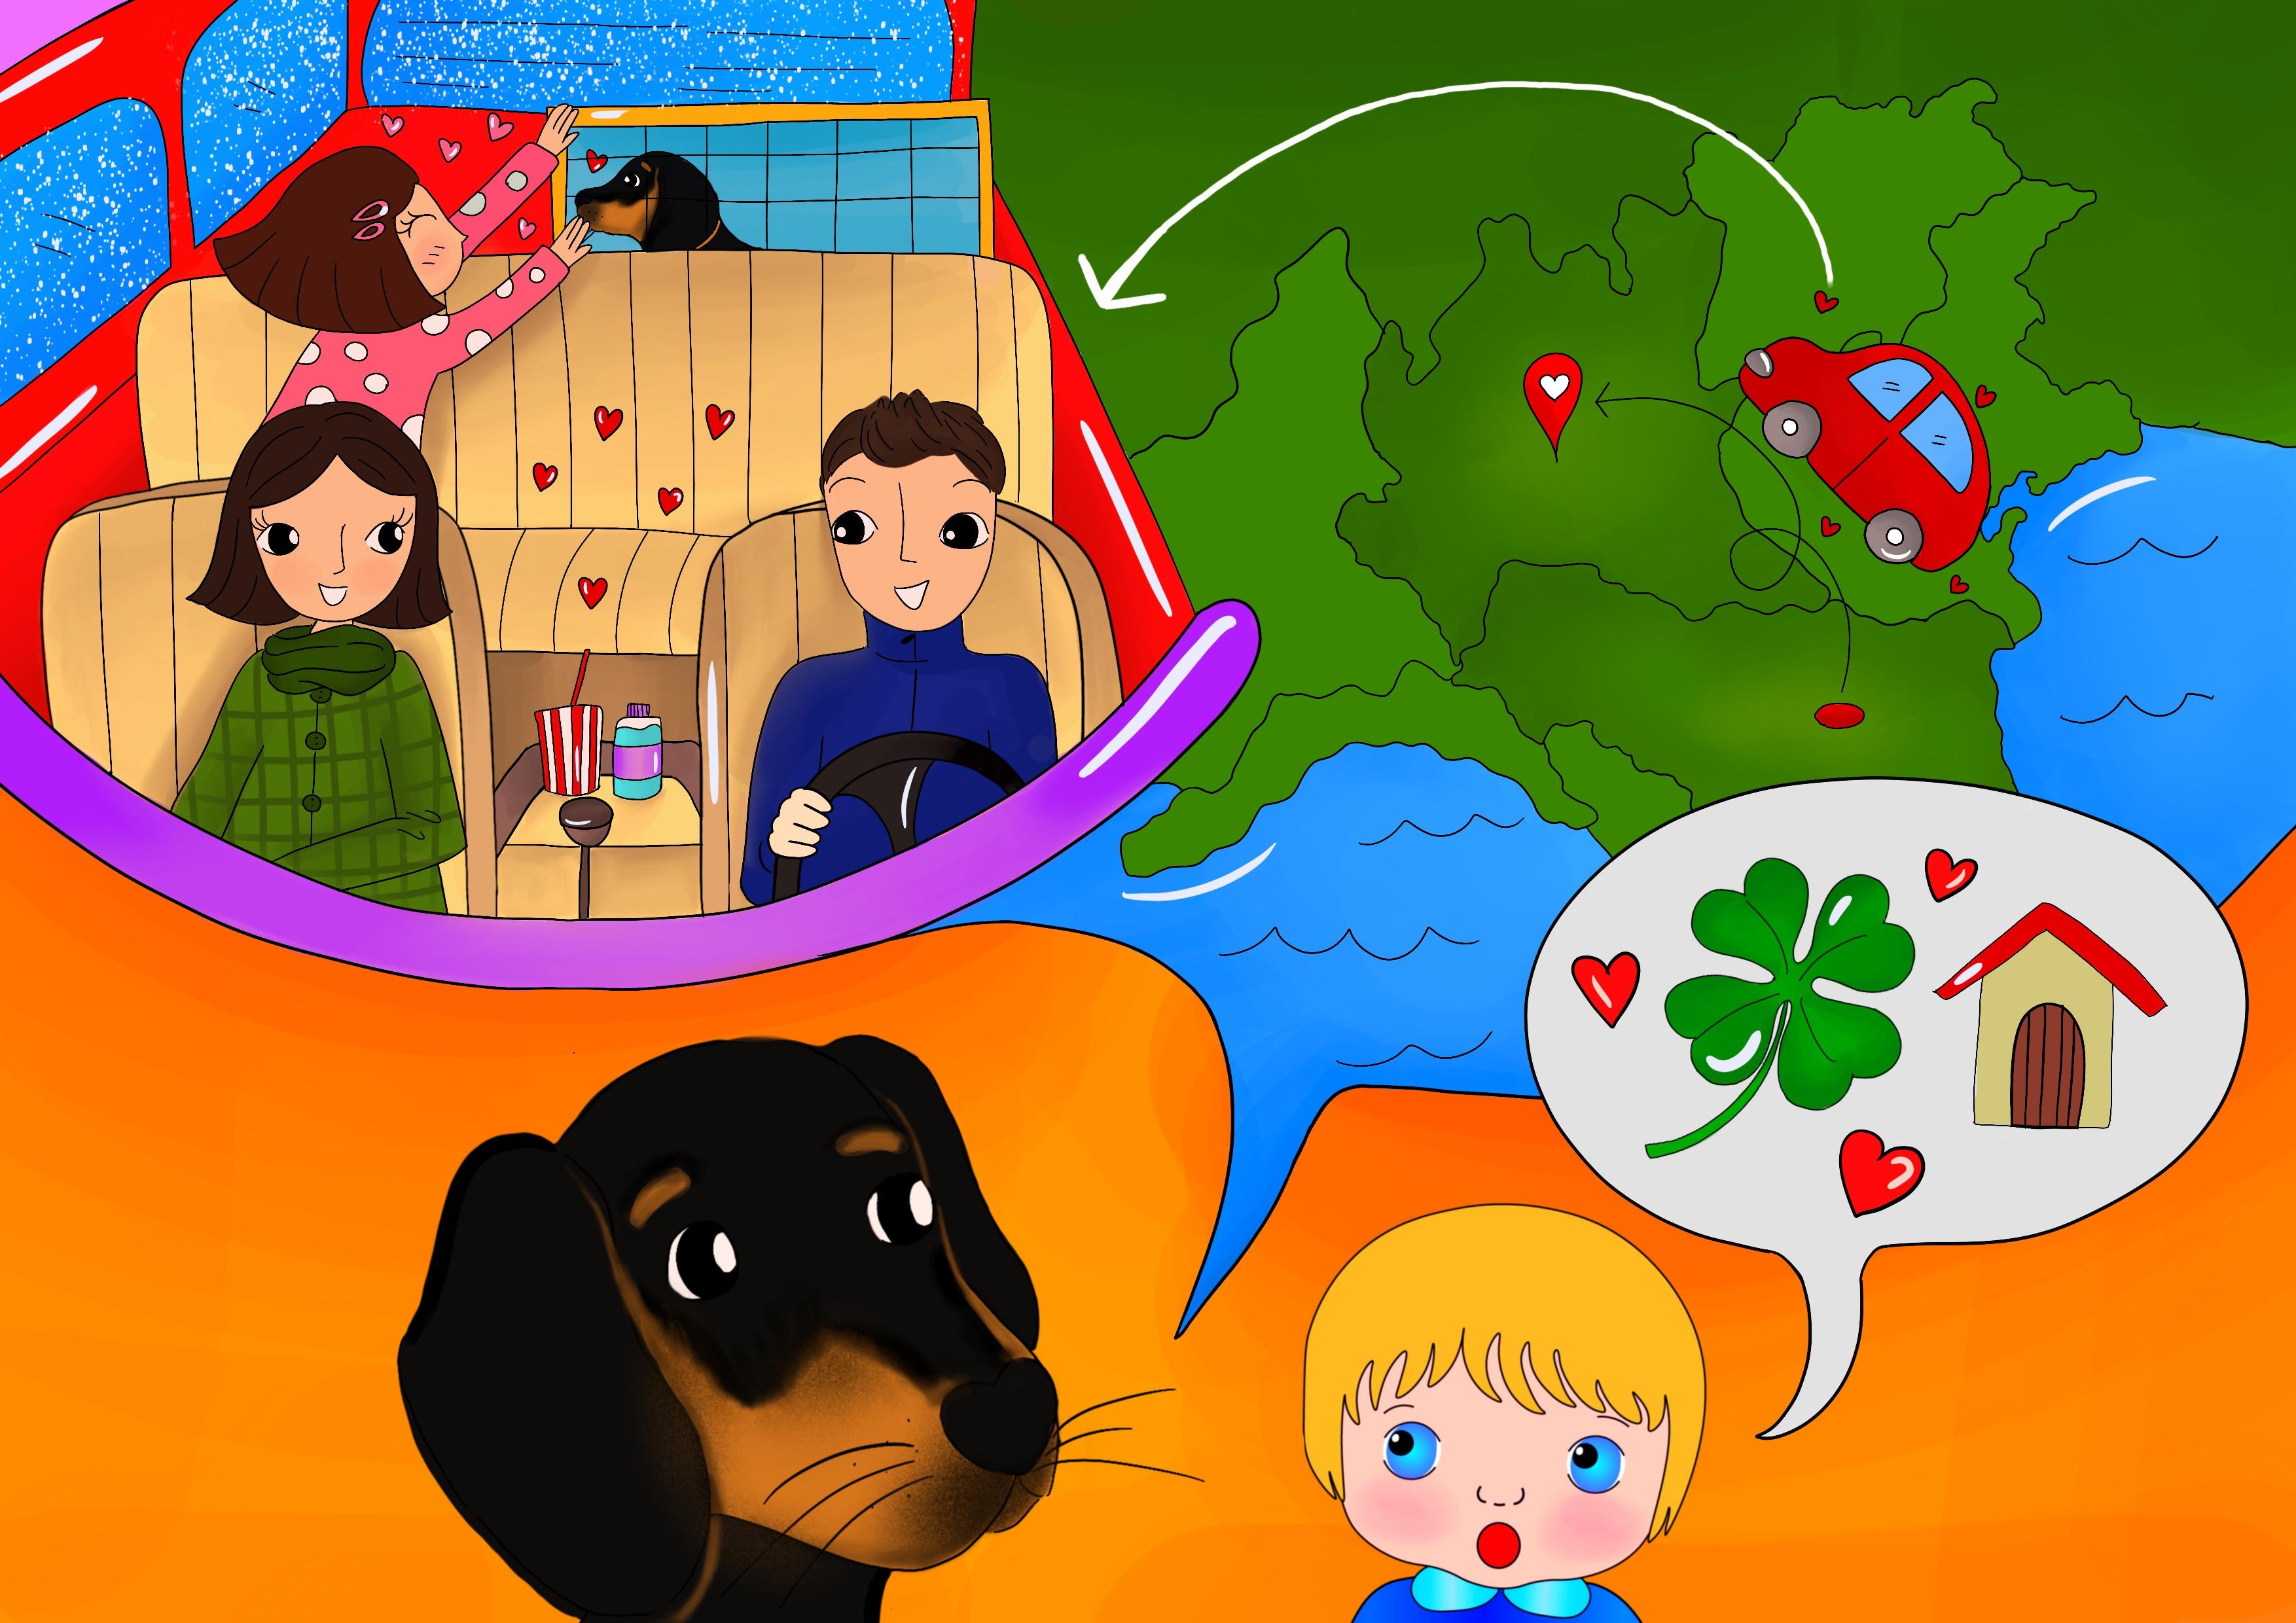 Storie di cani: disegno in cui il cane Candito racconta a Cicciobello del viaggio verso casa.